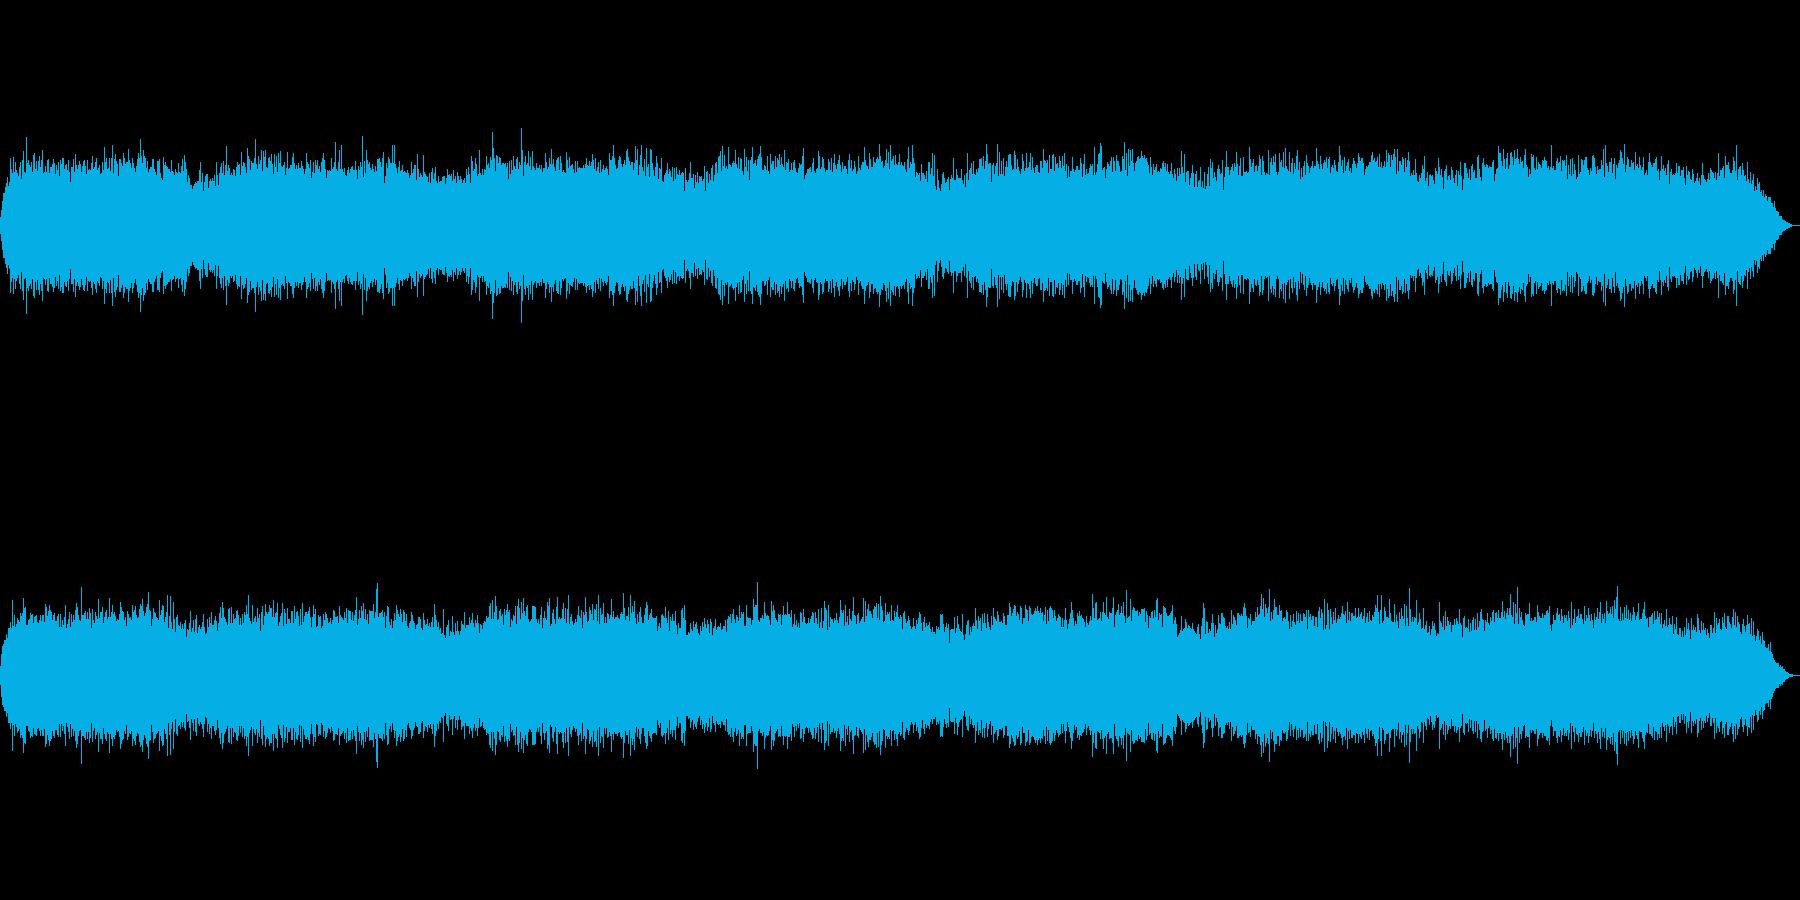 低く唸る風のような人工的環境音の再生済みの波形